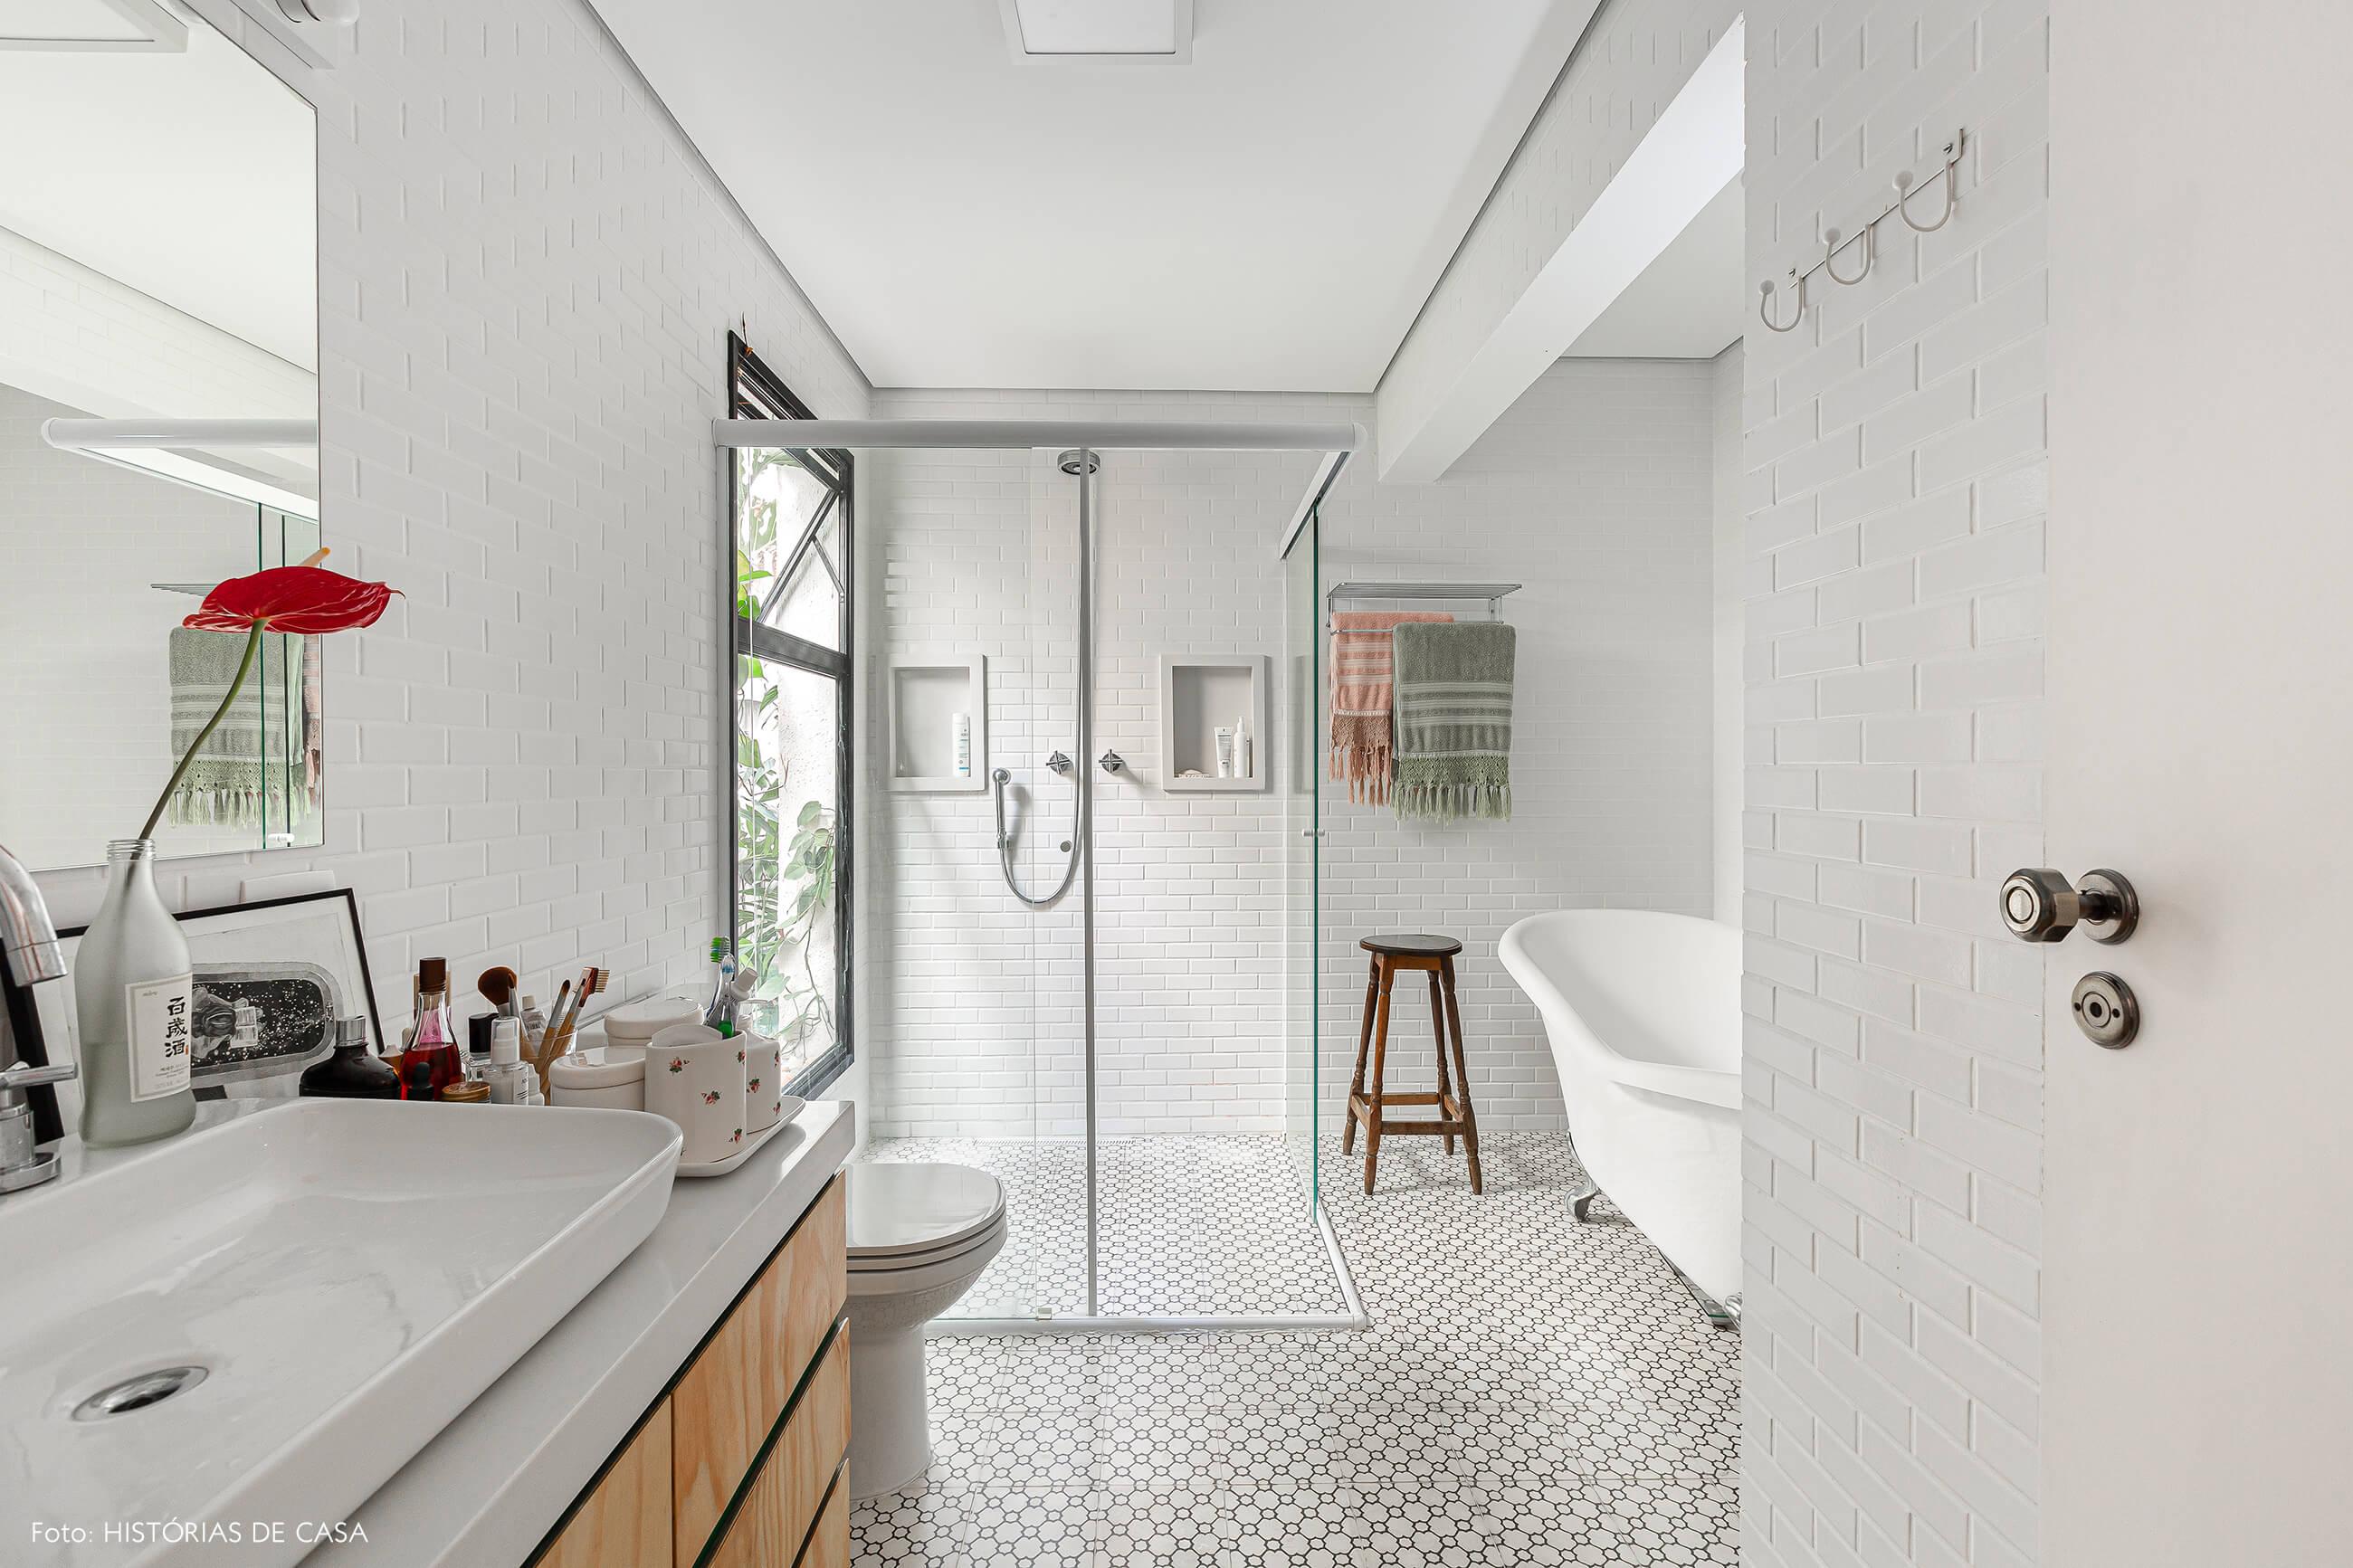 Apartamento térreo, banheiro com piso de ladrilhos hidráulicos e banheira